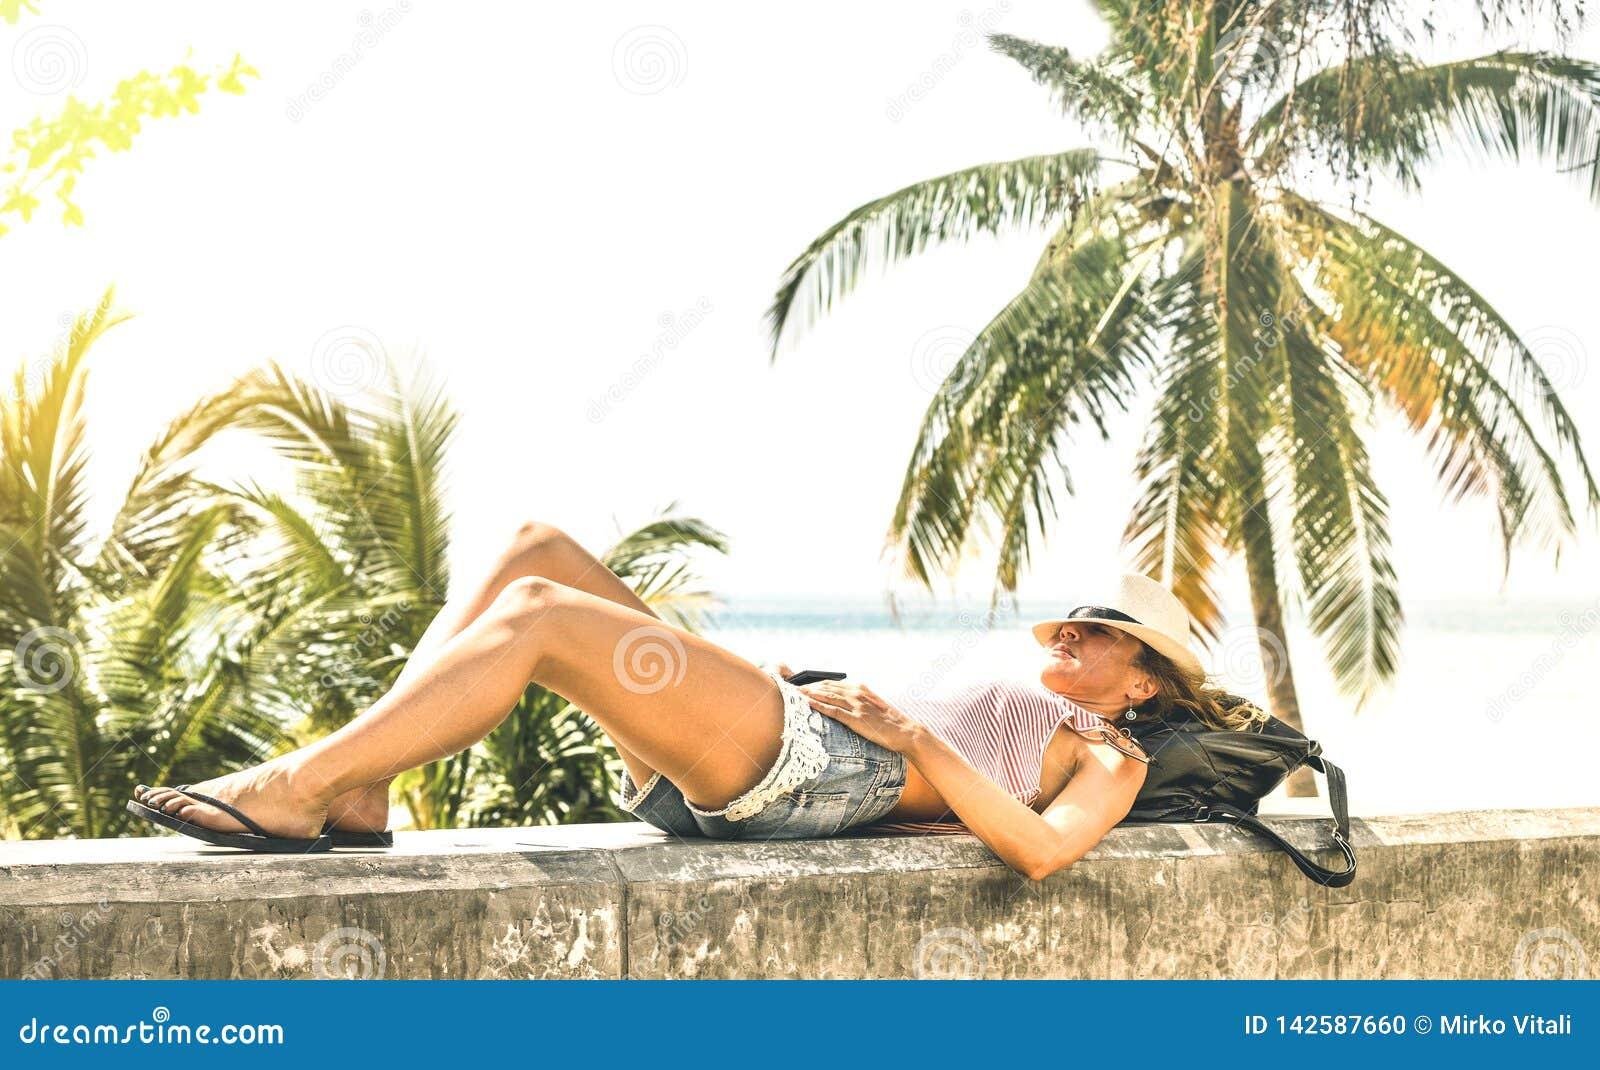 年轻女人放松在石墙上的旅行influencer在普吉岛海滩散步-旅行癖与冒险女孩的假期概念